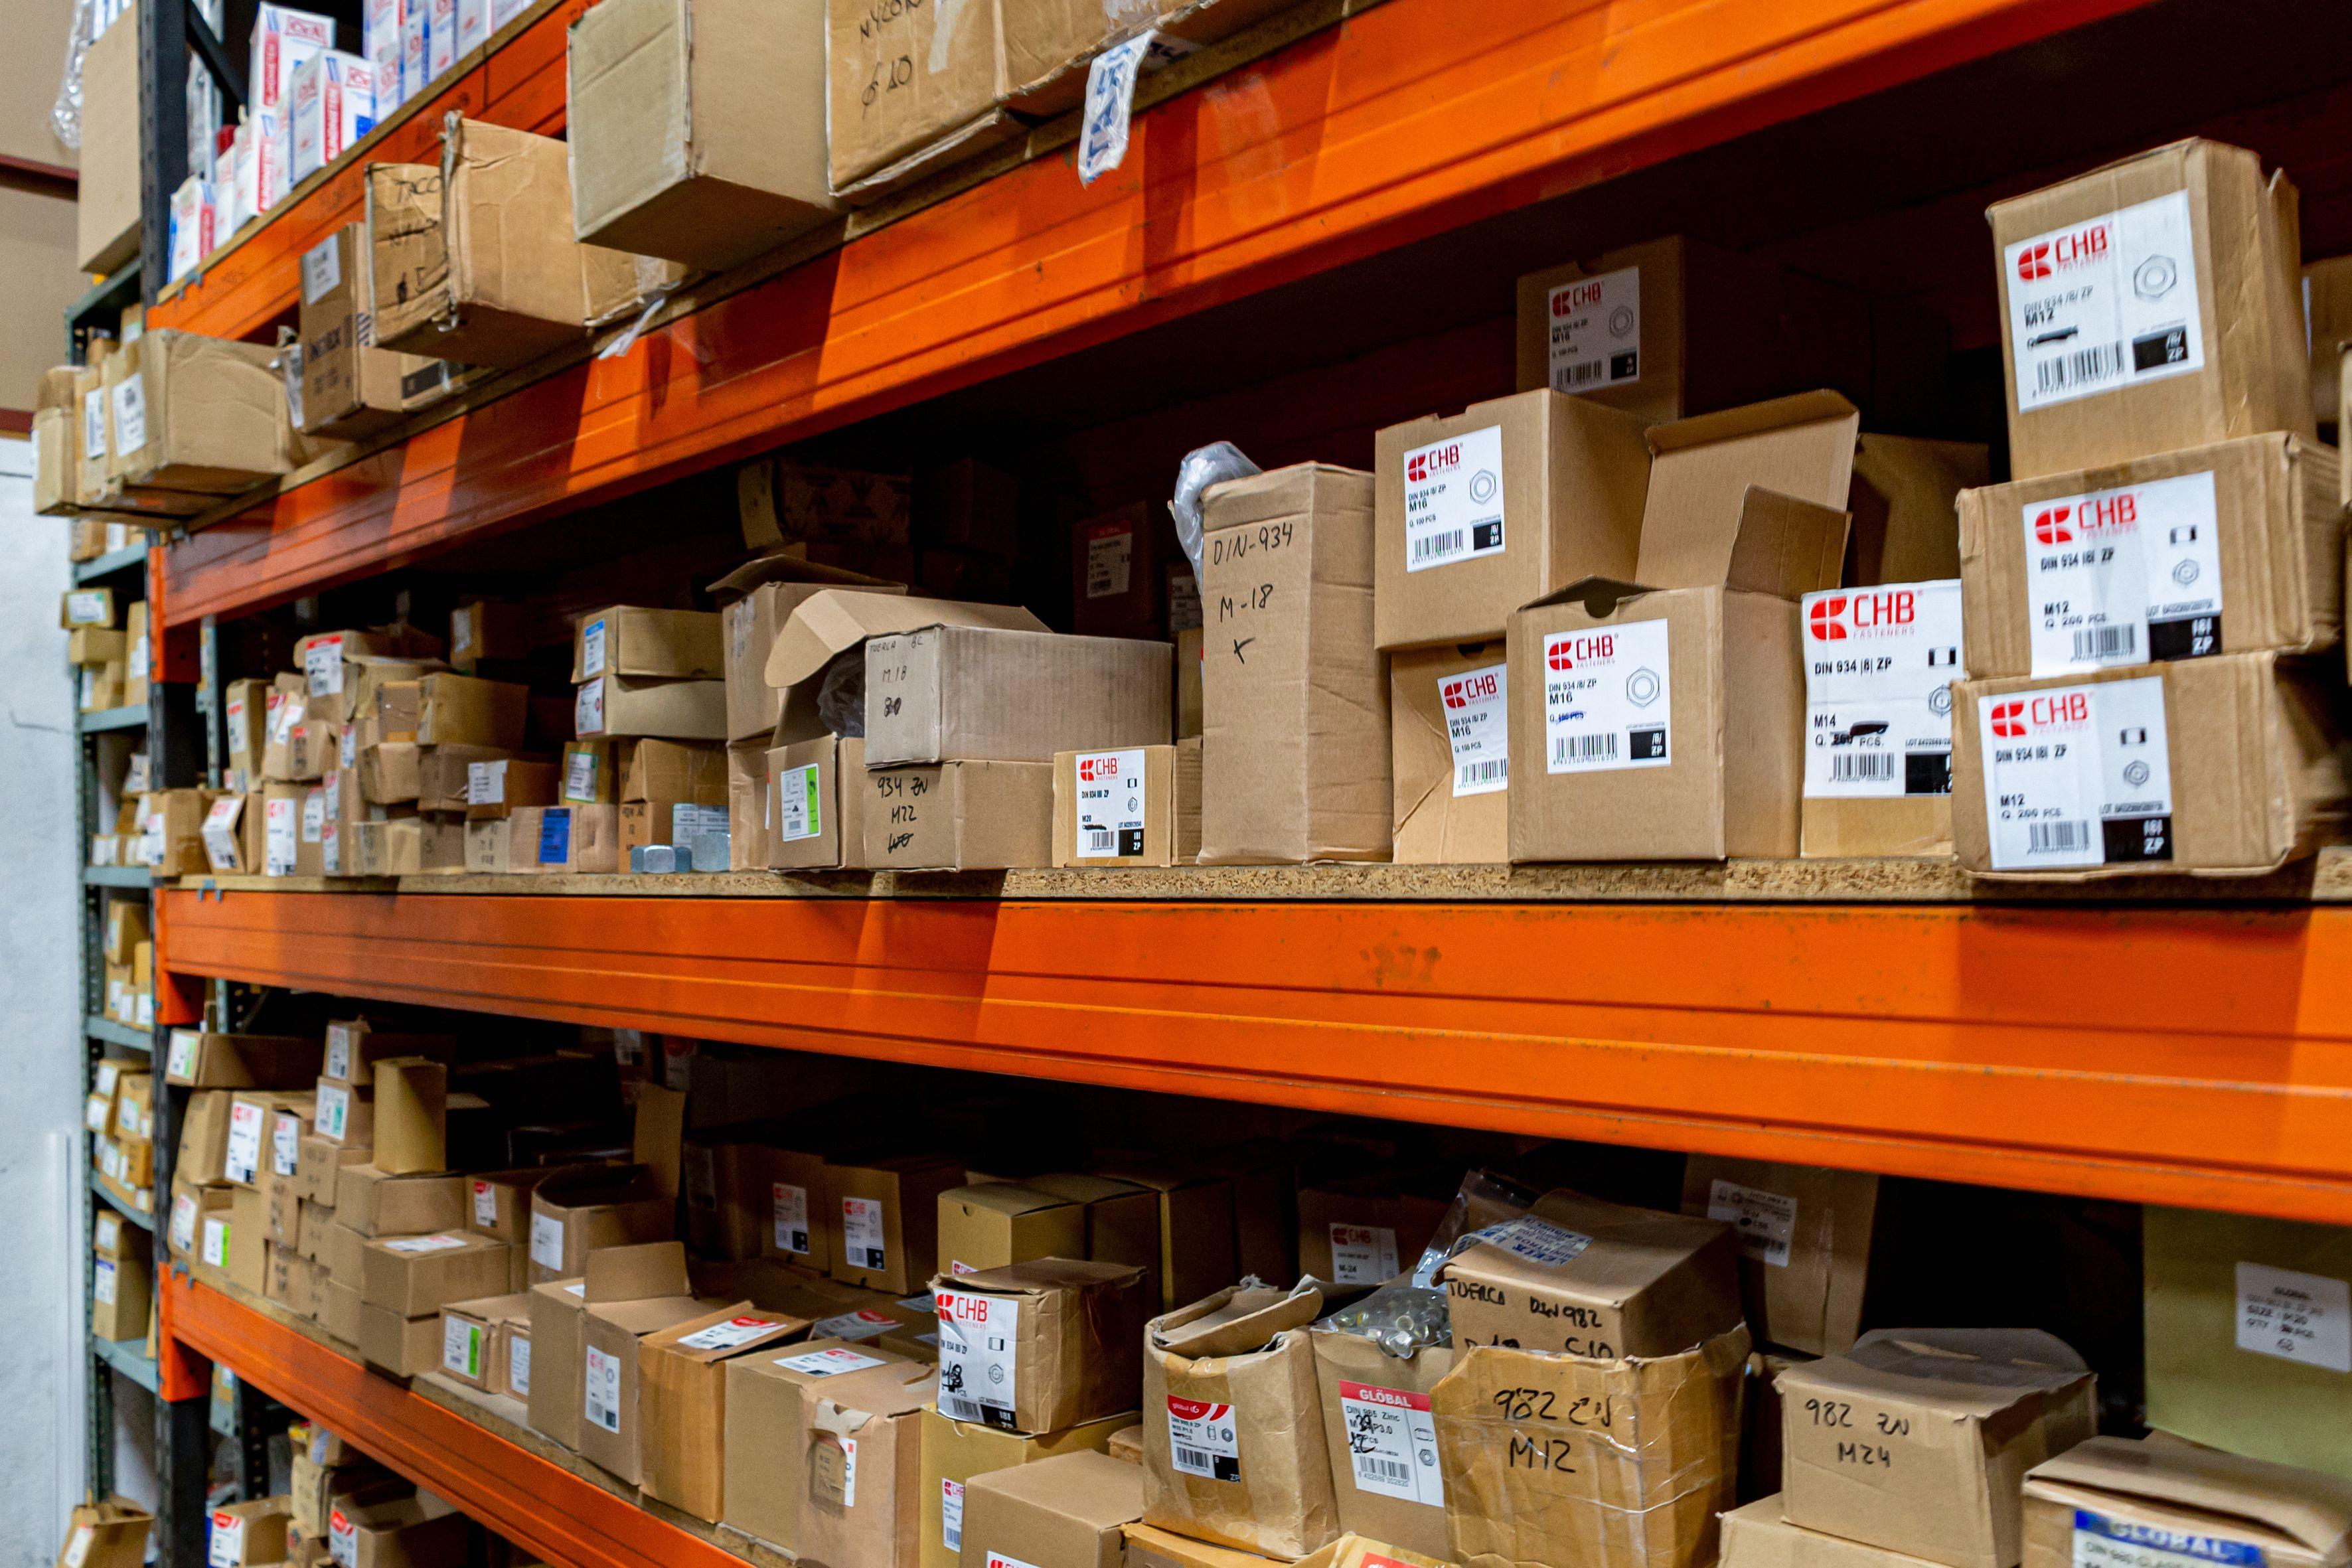 Cajas almacenadas